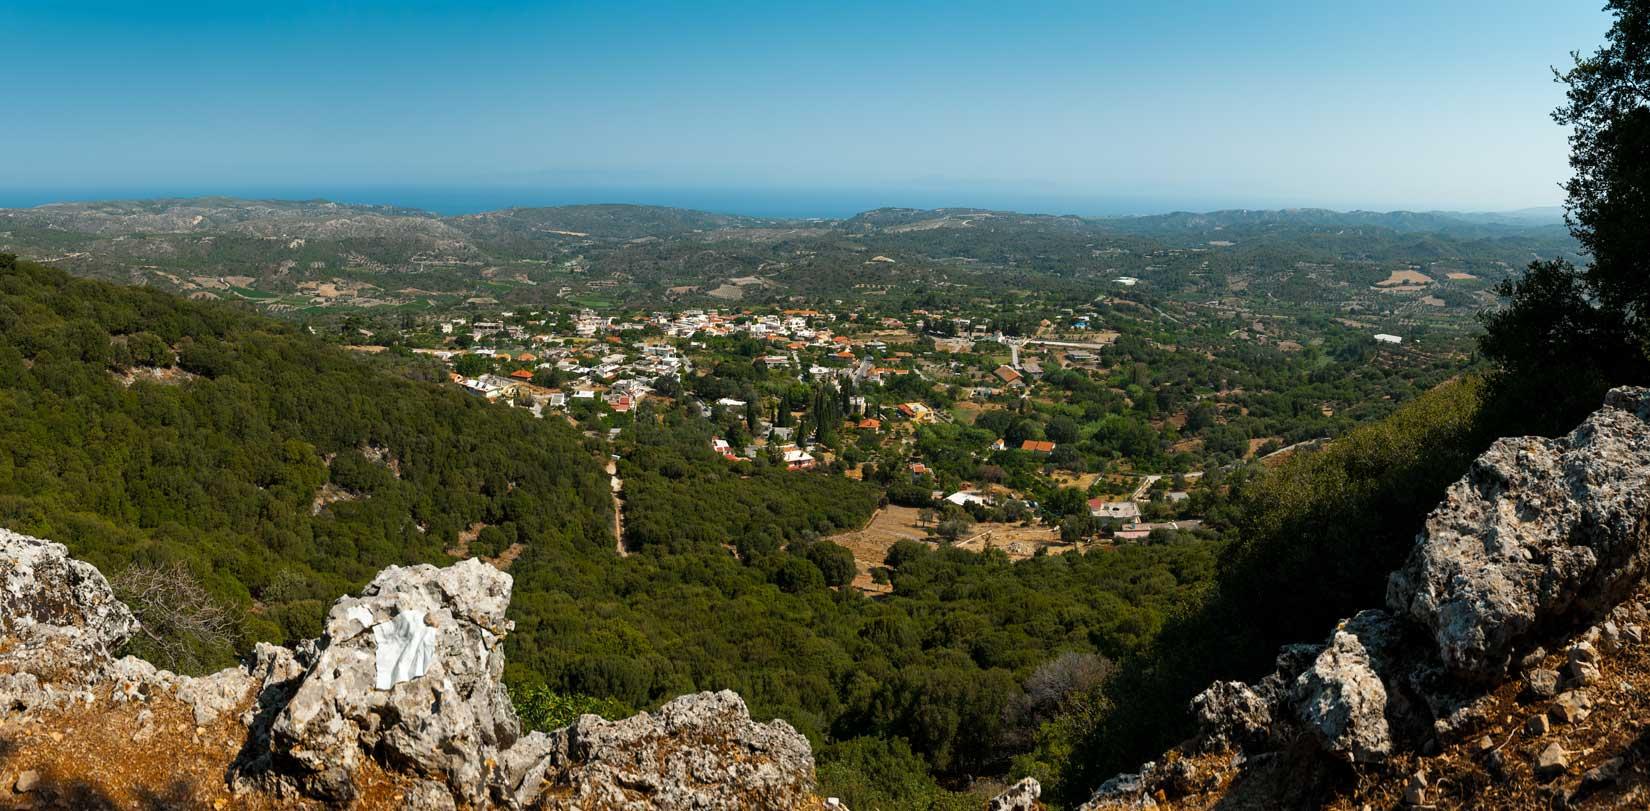 Vesnice Salakos pod pohořím Profitís Ílias